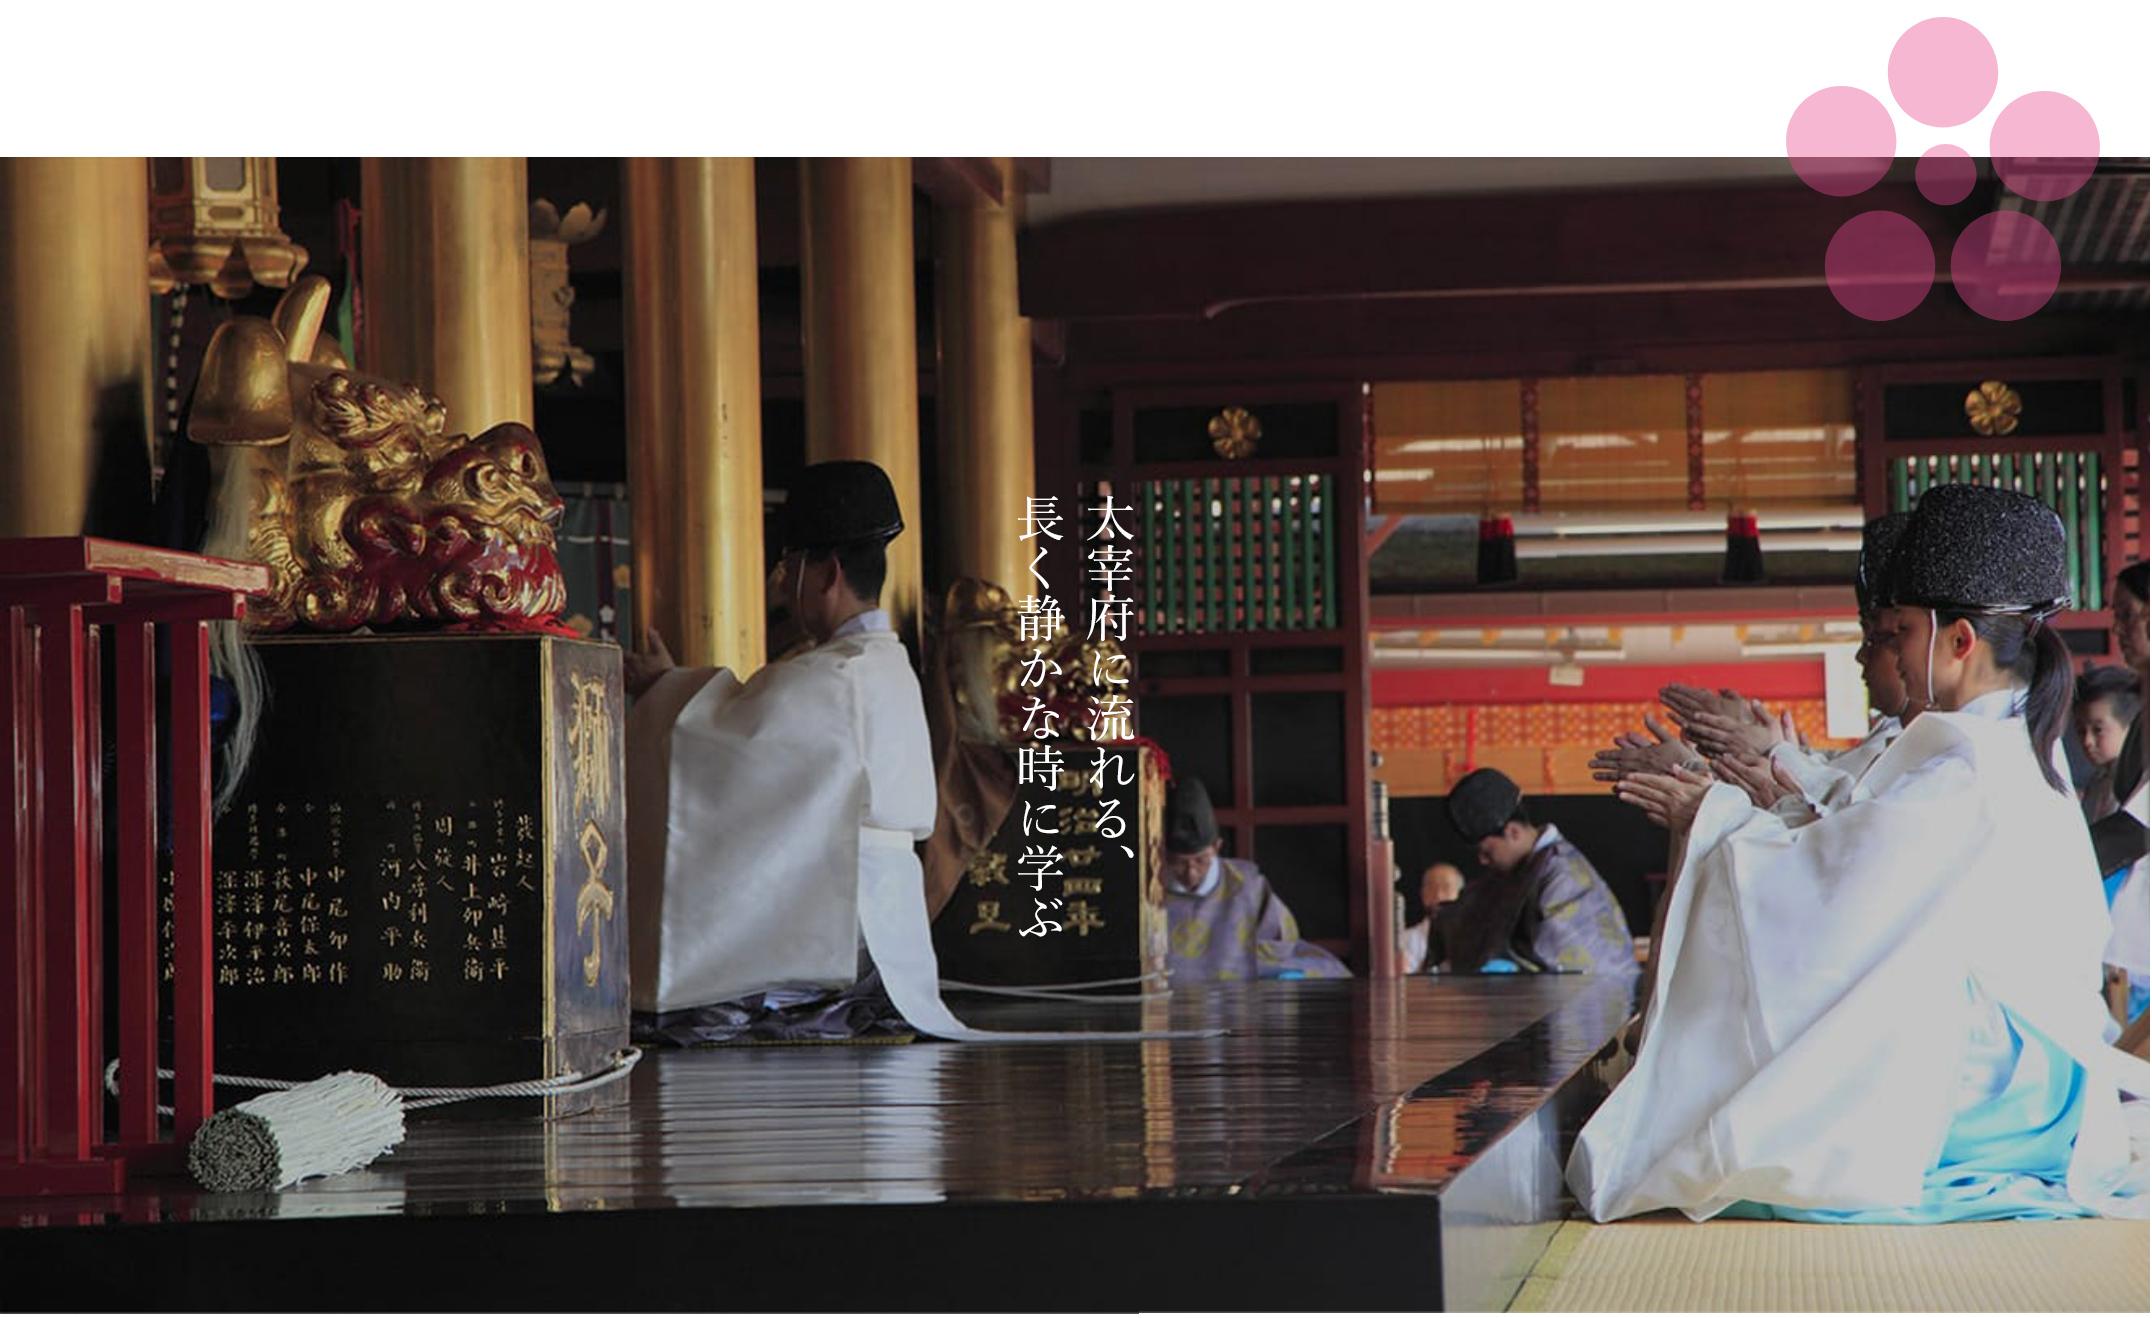 太宰府に流れる、長く静かな時に学ぶ。